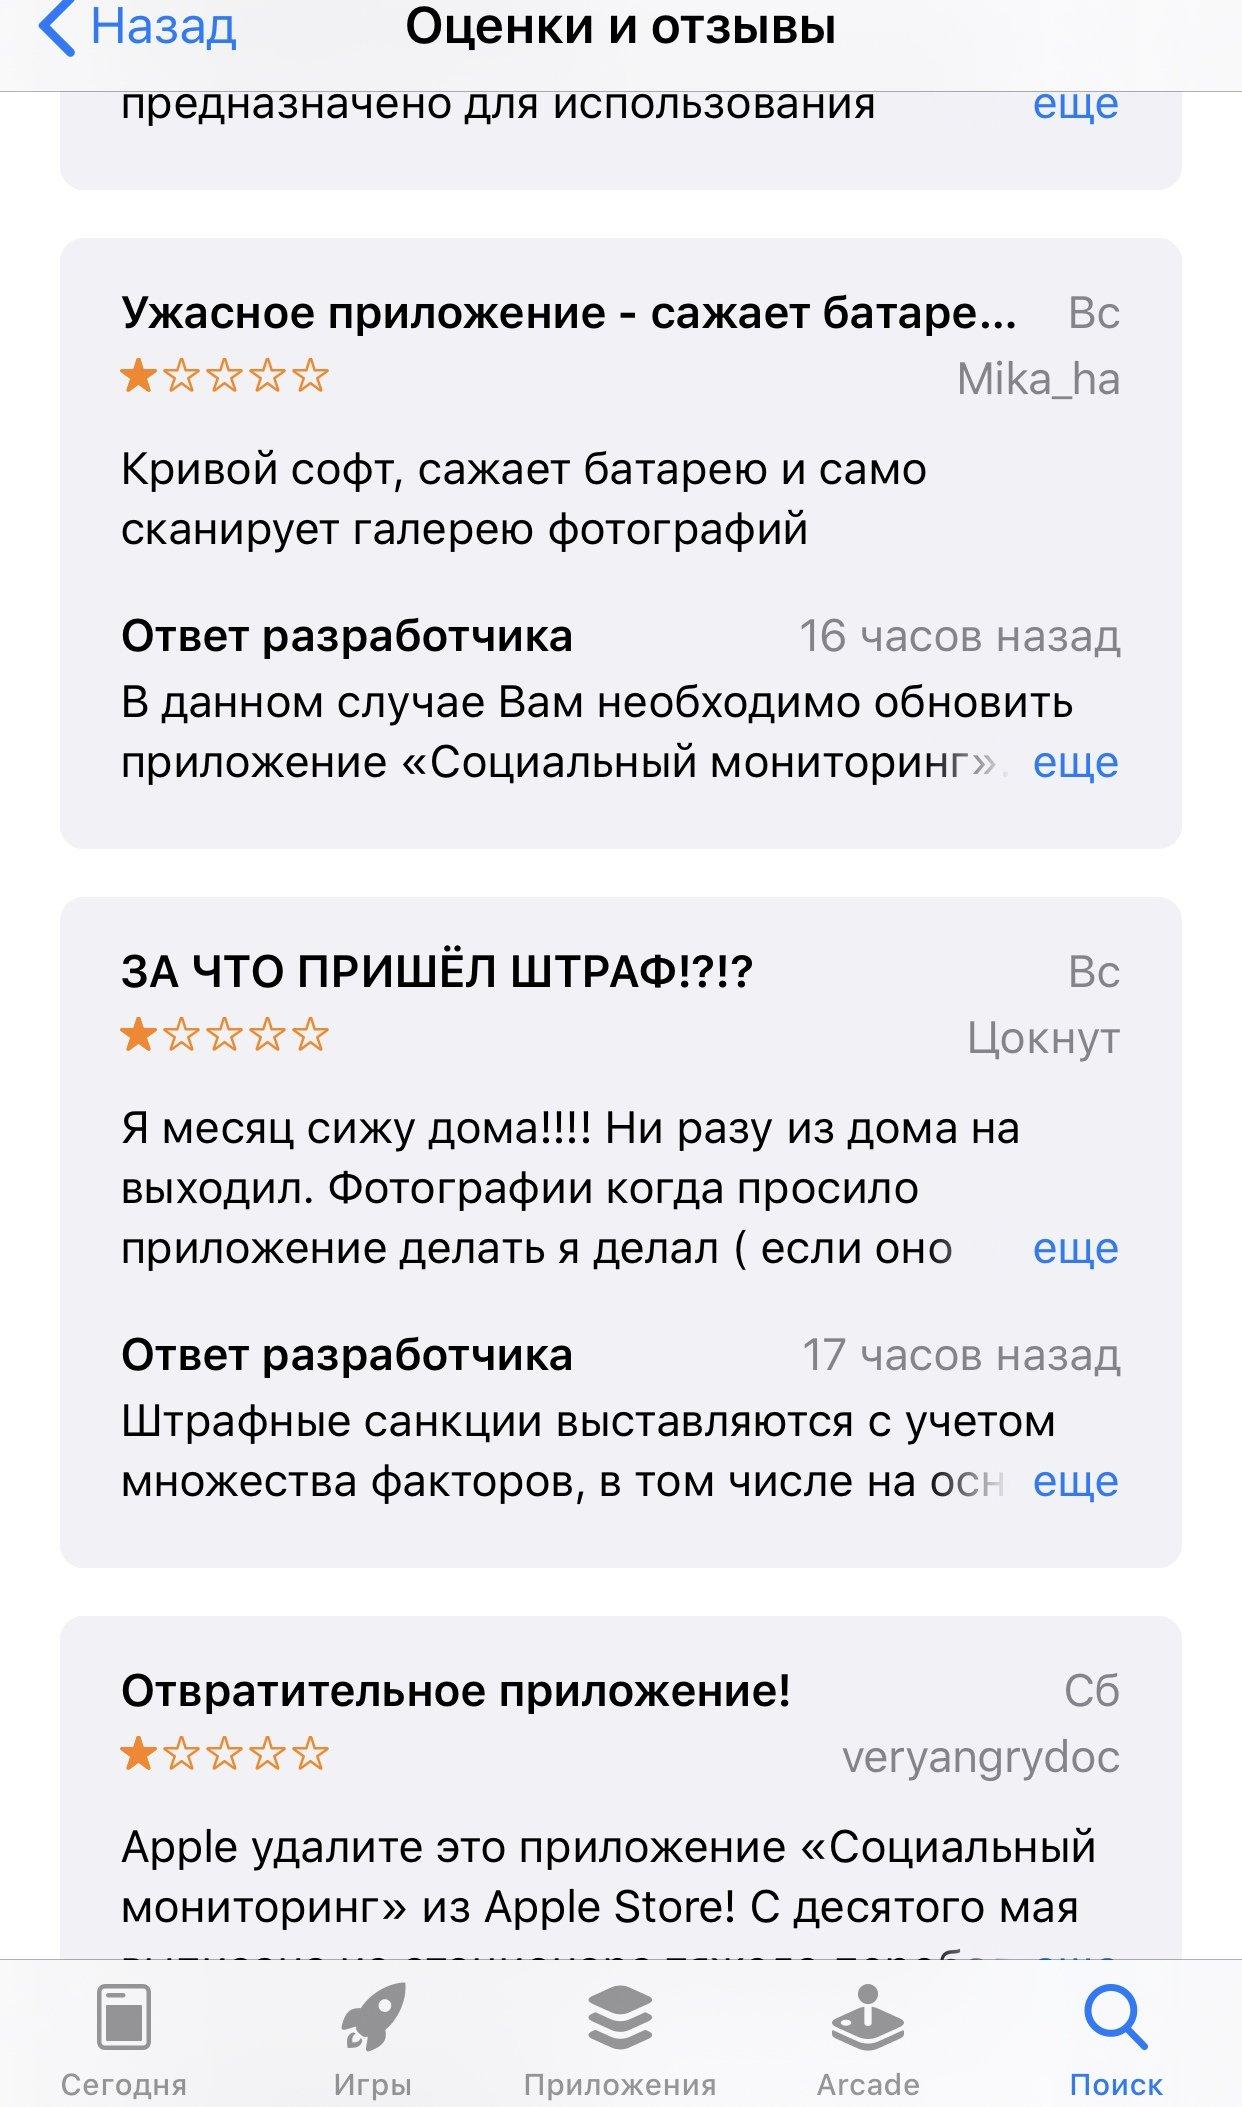 Приложение Социальный мониторинг раскритиковали пользователи